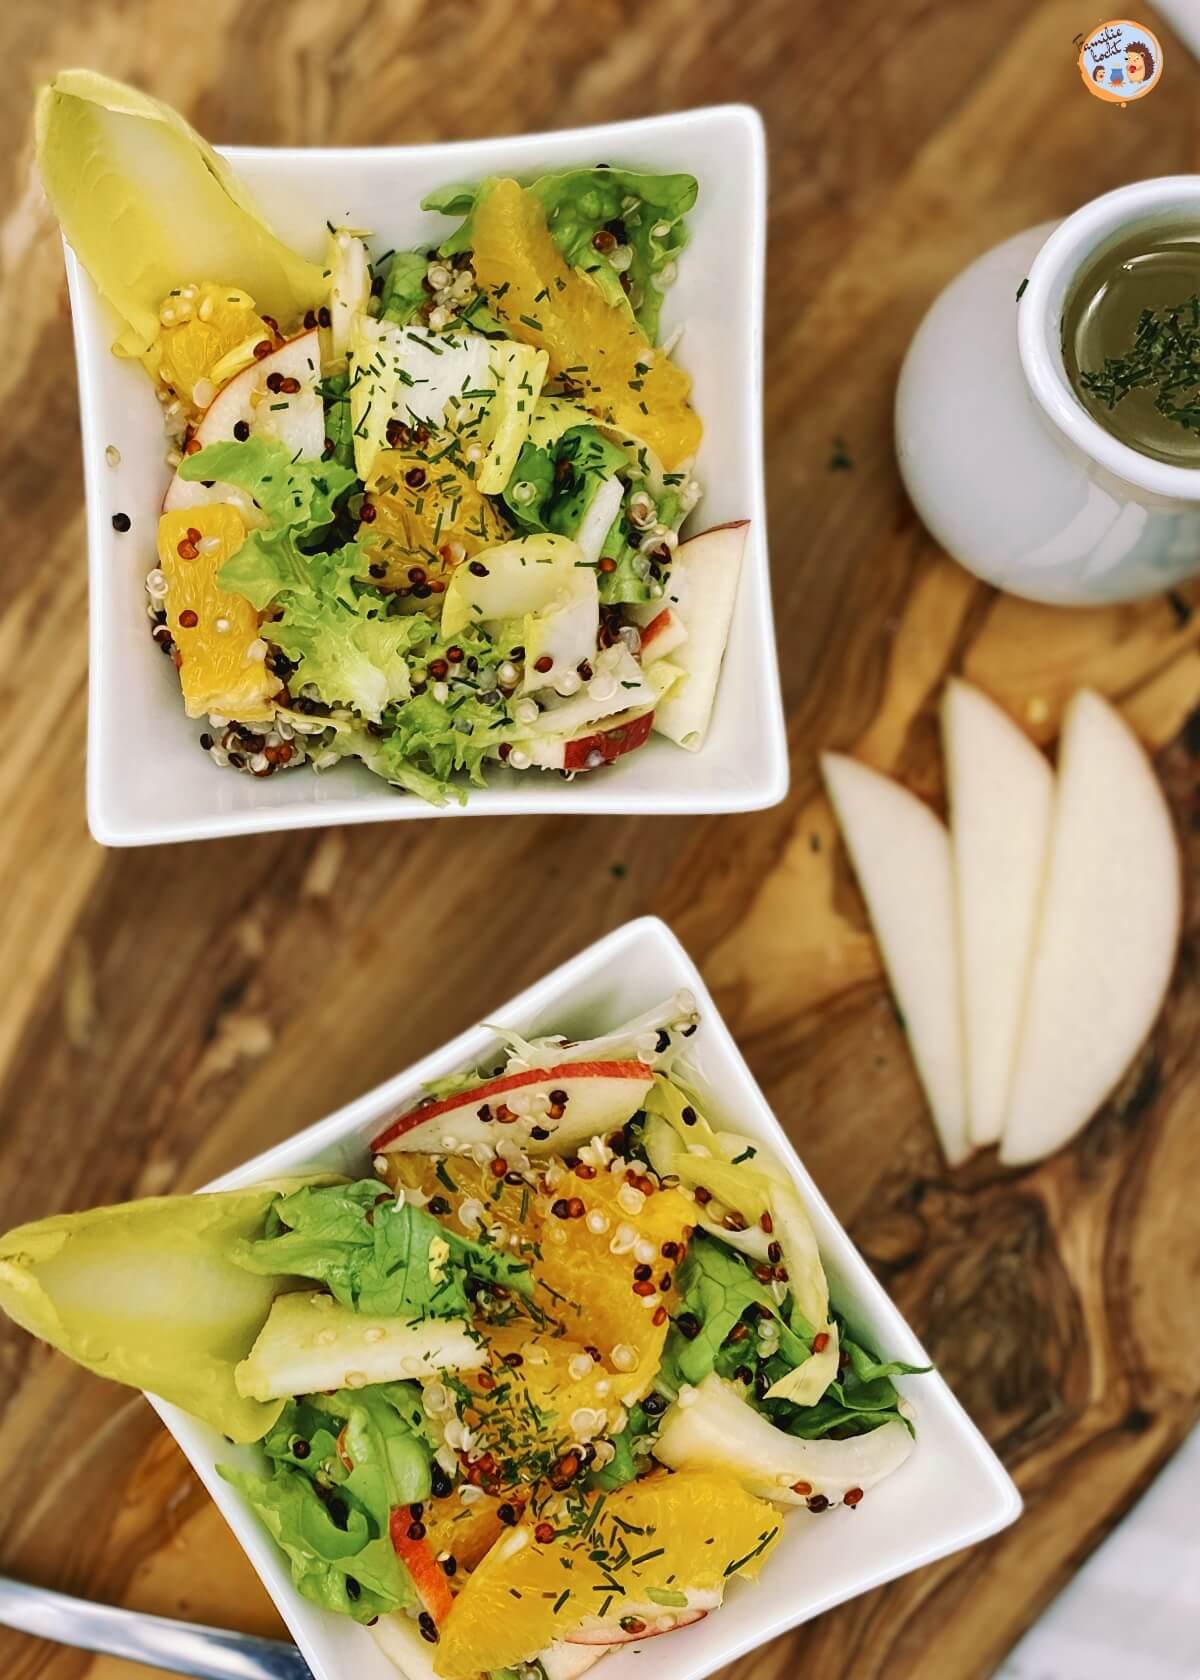 Chicoreesalat mit Apfel und Orange